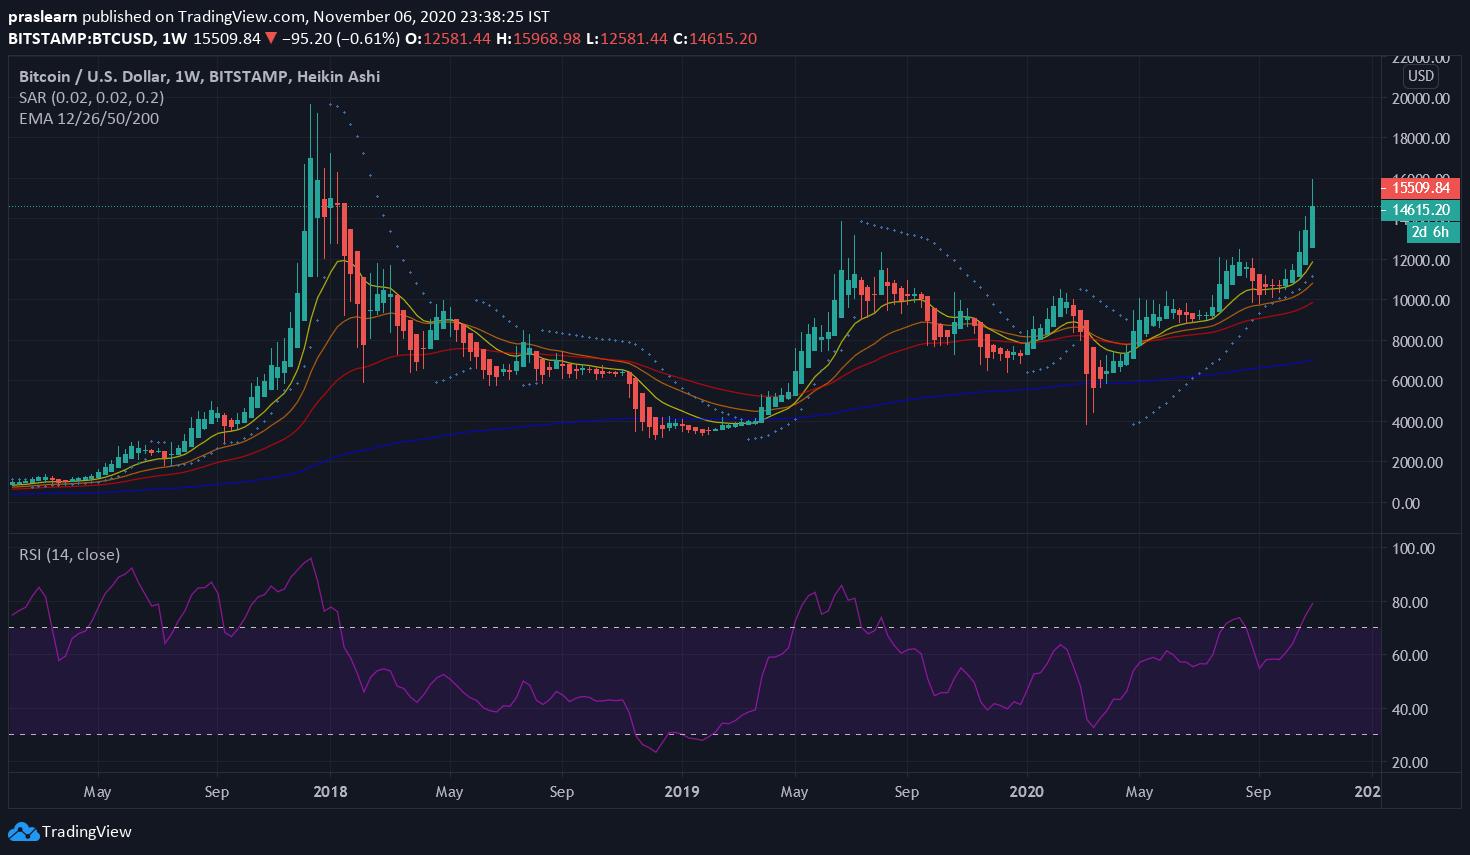 BTC/USD Weekly Price: Tradingview